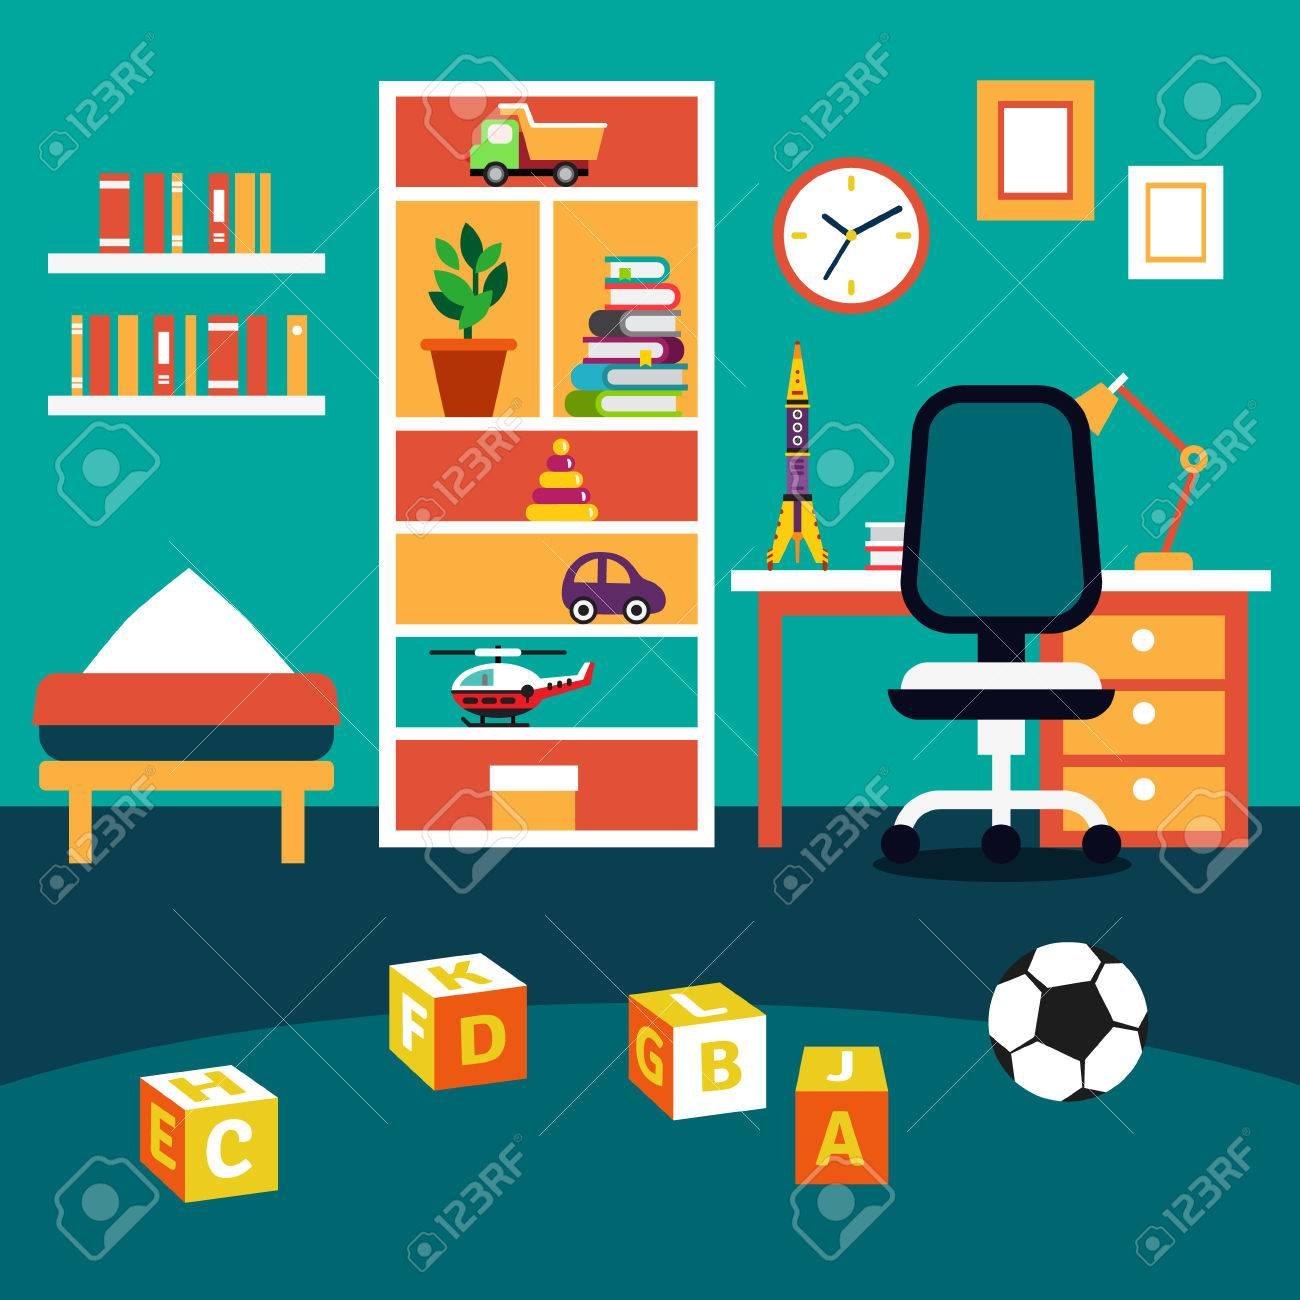 TUdiant de l'école chambre garçon d'enfant intérieur. Bookshelf, étudier bureau avec chaise, lit et des jouets sur le sol. Flat illustration